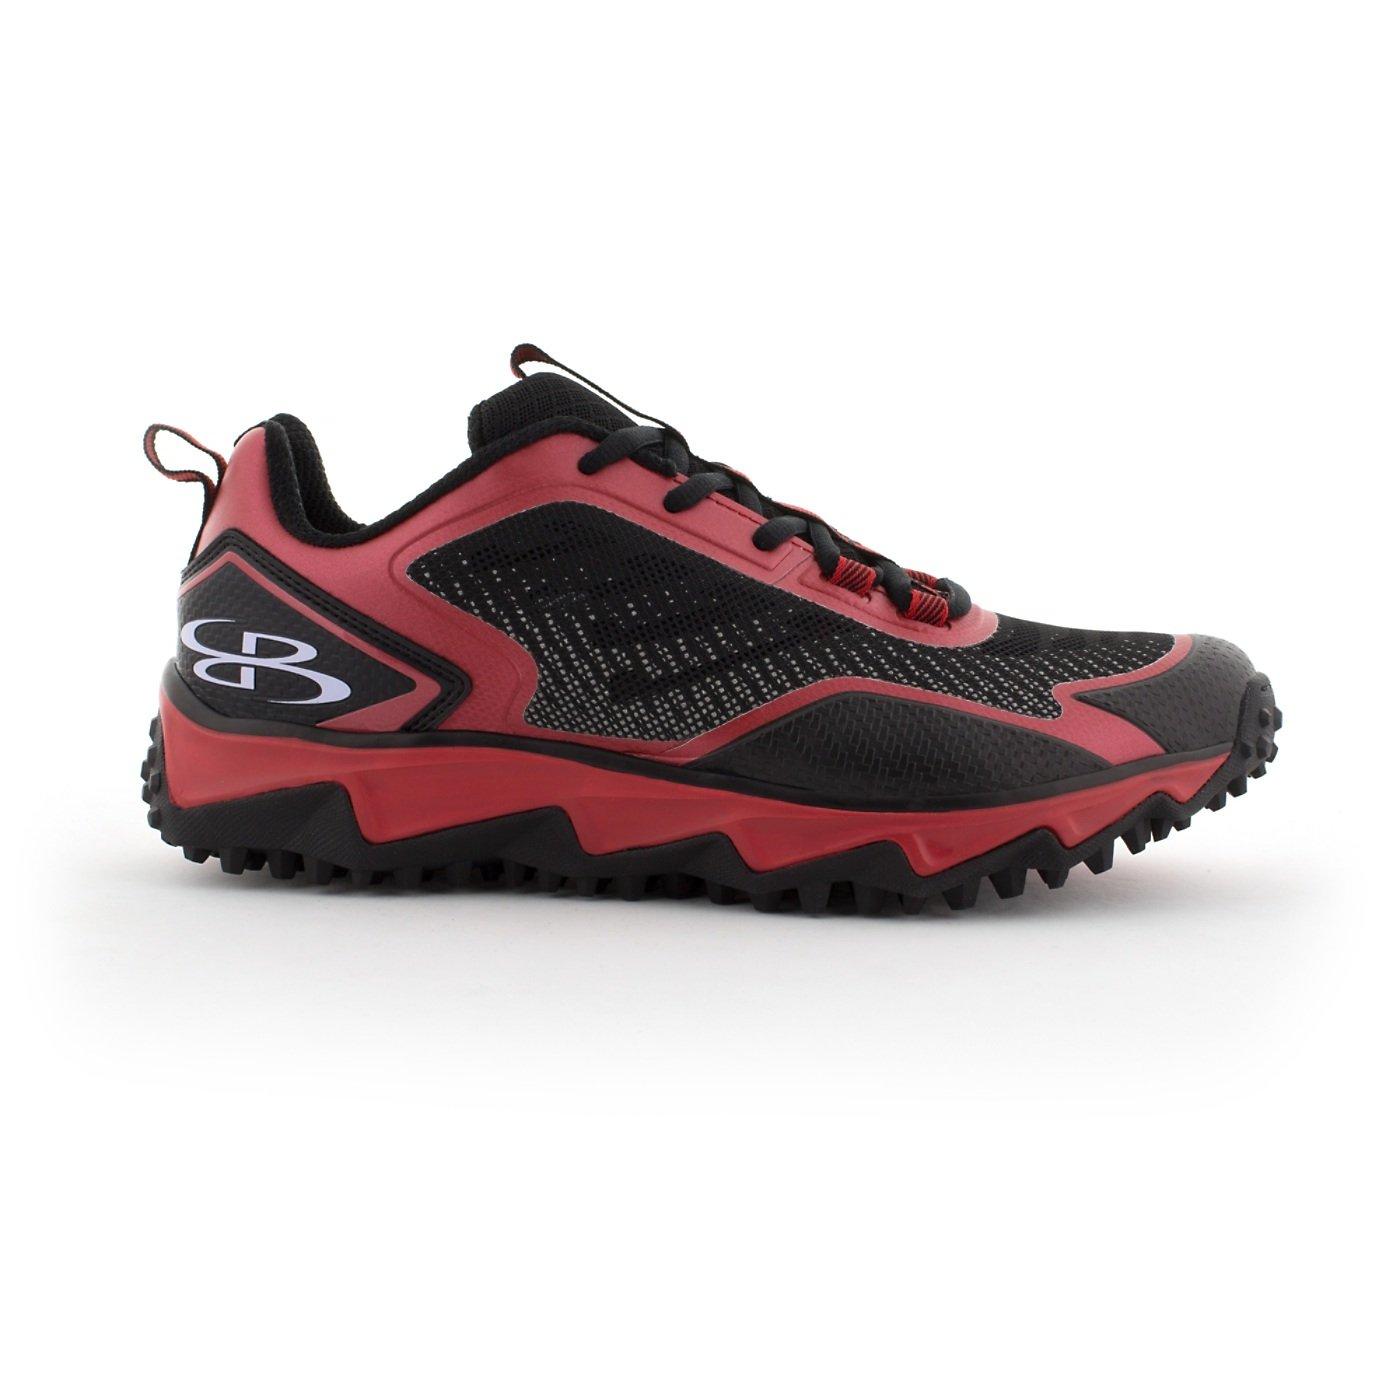 BoombahメンズBerzerk Turf Shoes – 13色オプション – 複数のサイズ B0769XK2M8 10.5|ブラック/レッド ブラック/レッド 10.5